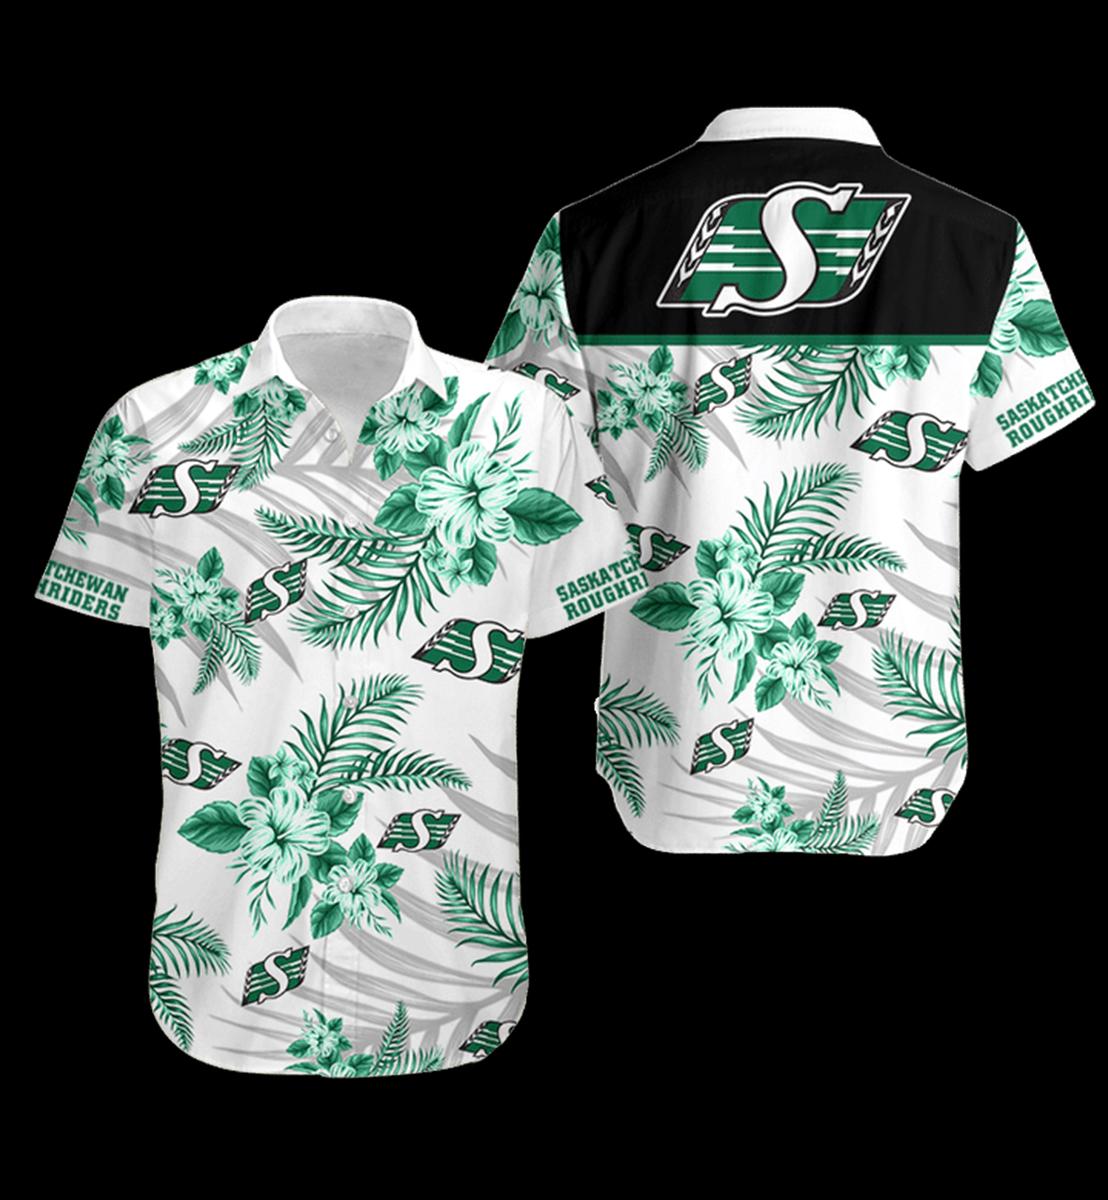 15 Saskatchewan Roughriders Hawaiian Shirt 1 1